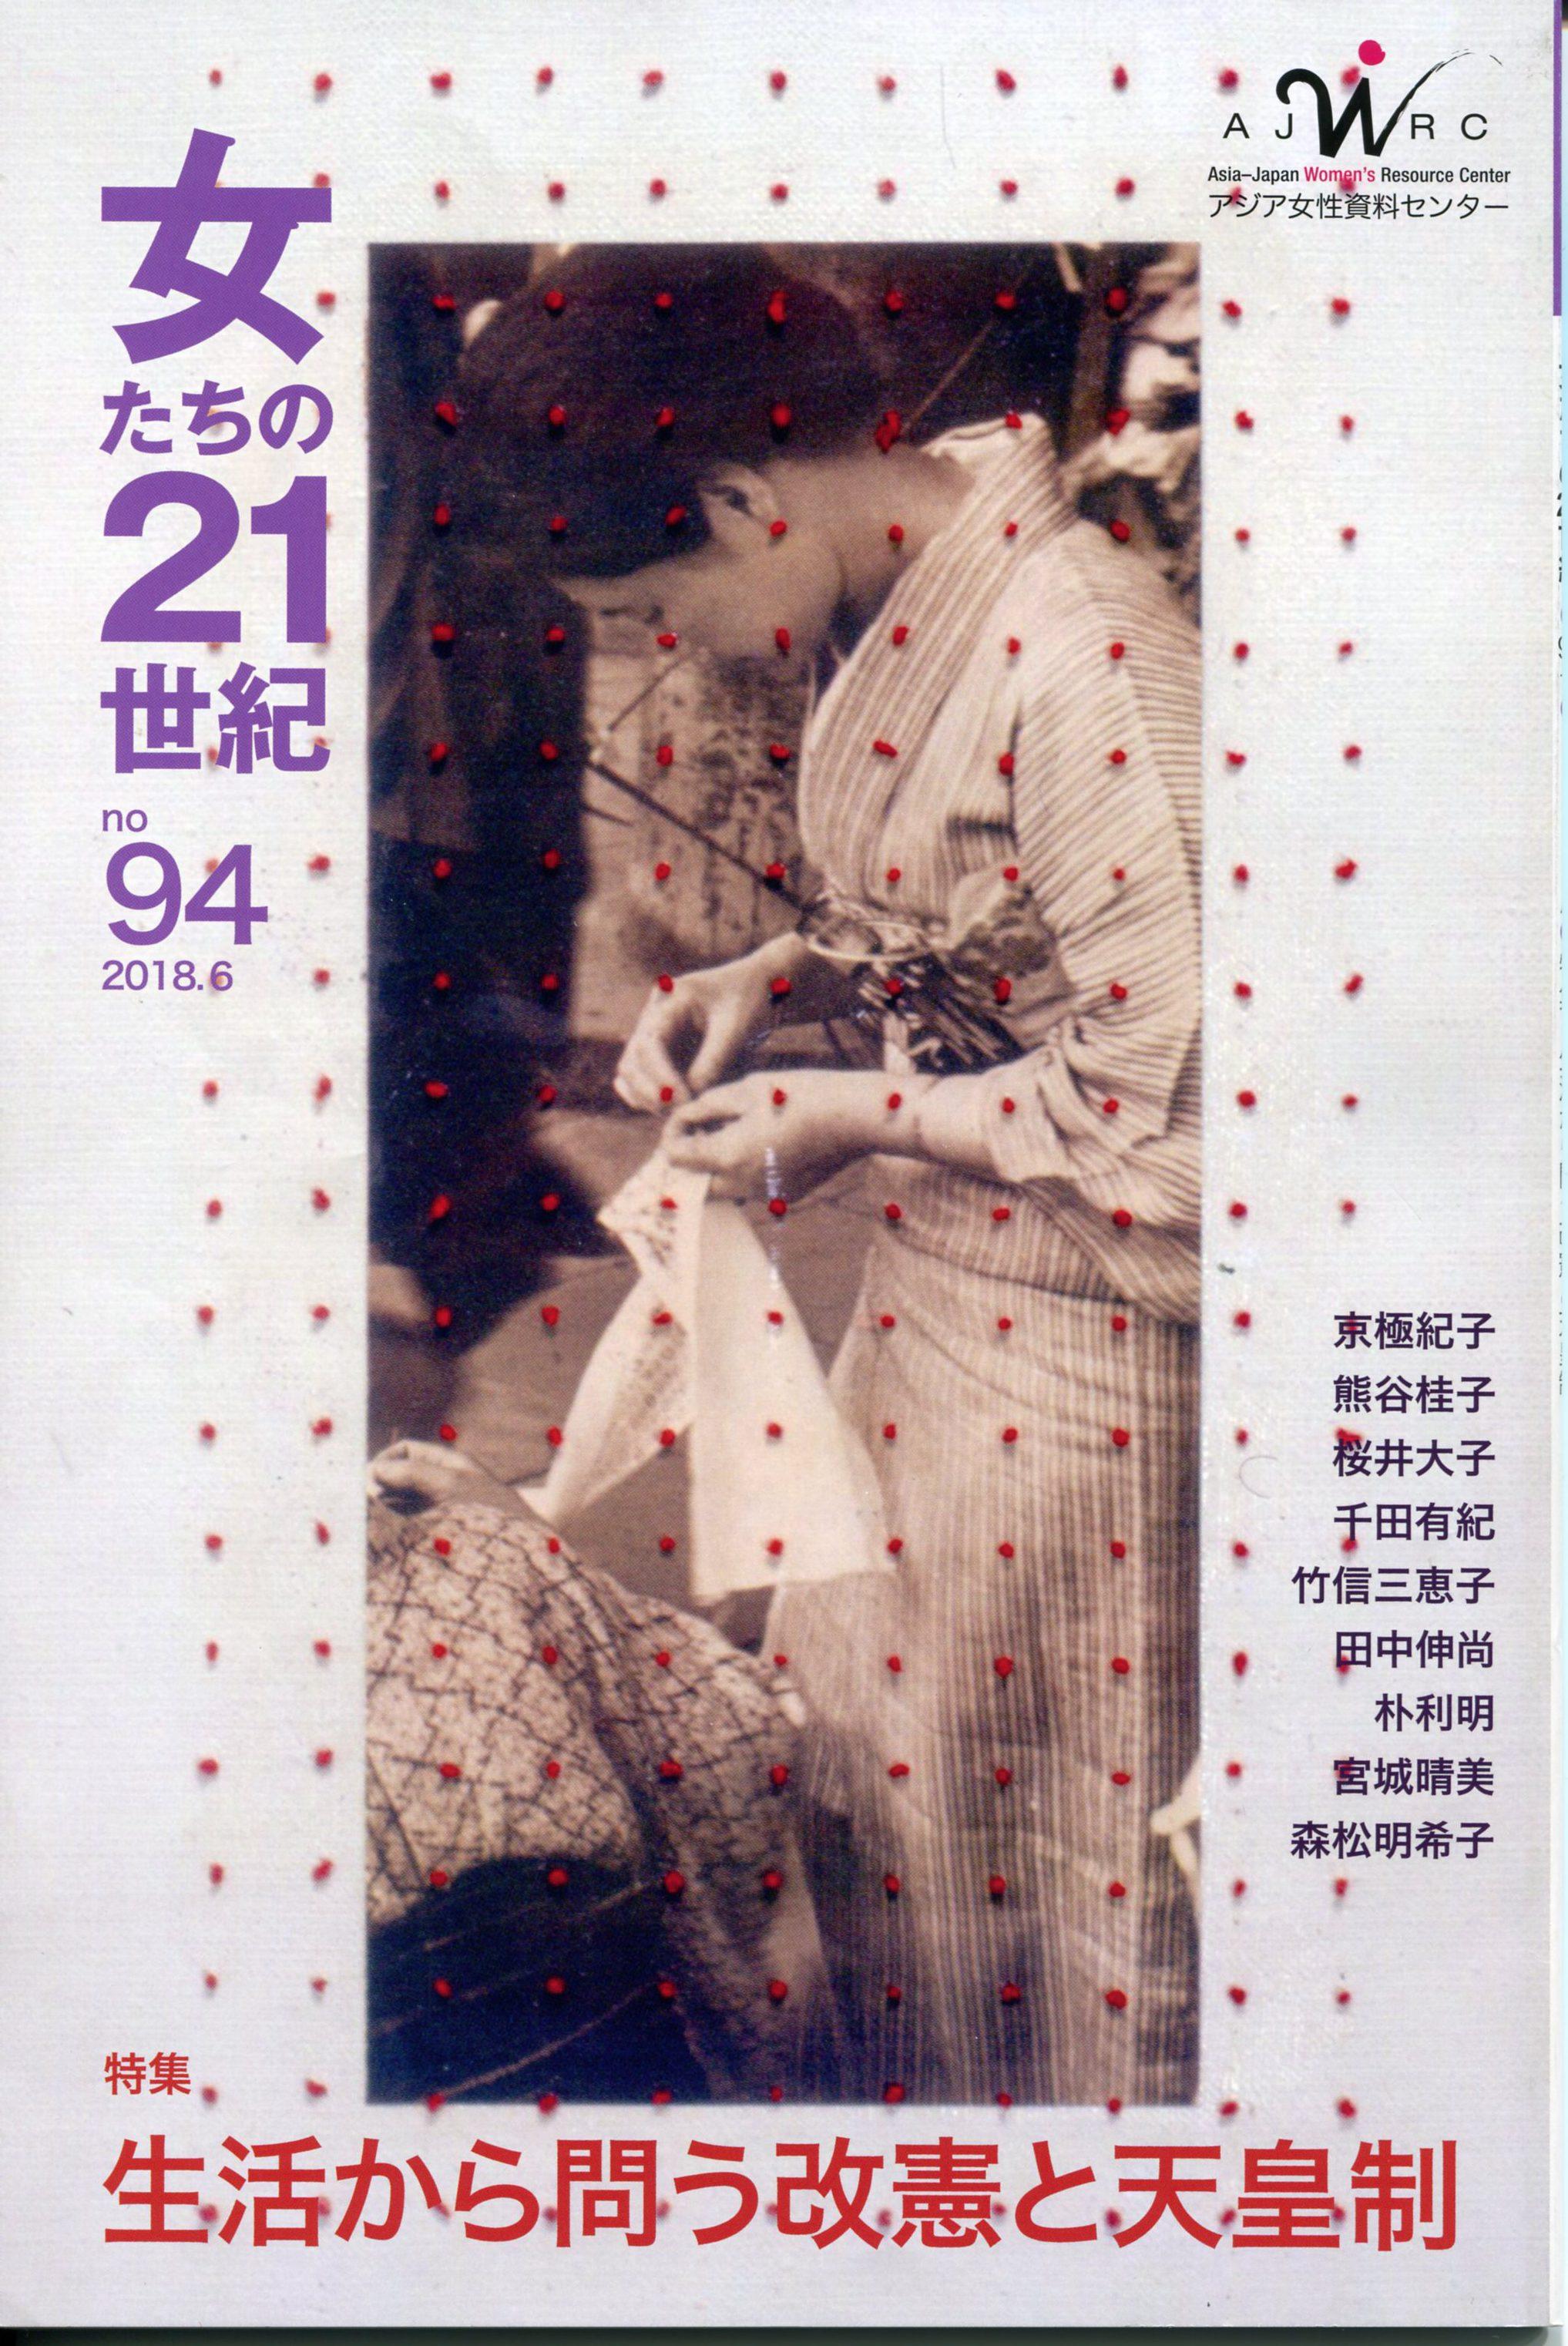 女たちの21世紀 94号 特集:生活から問う改憲と天皇制